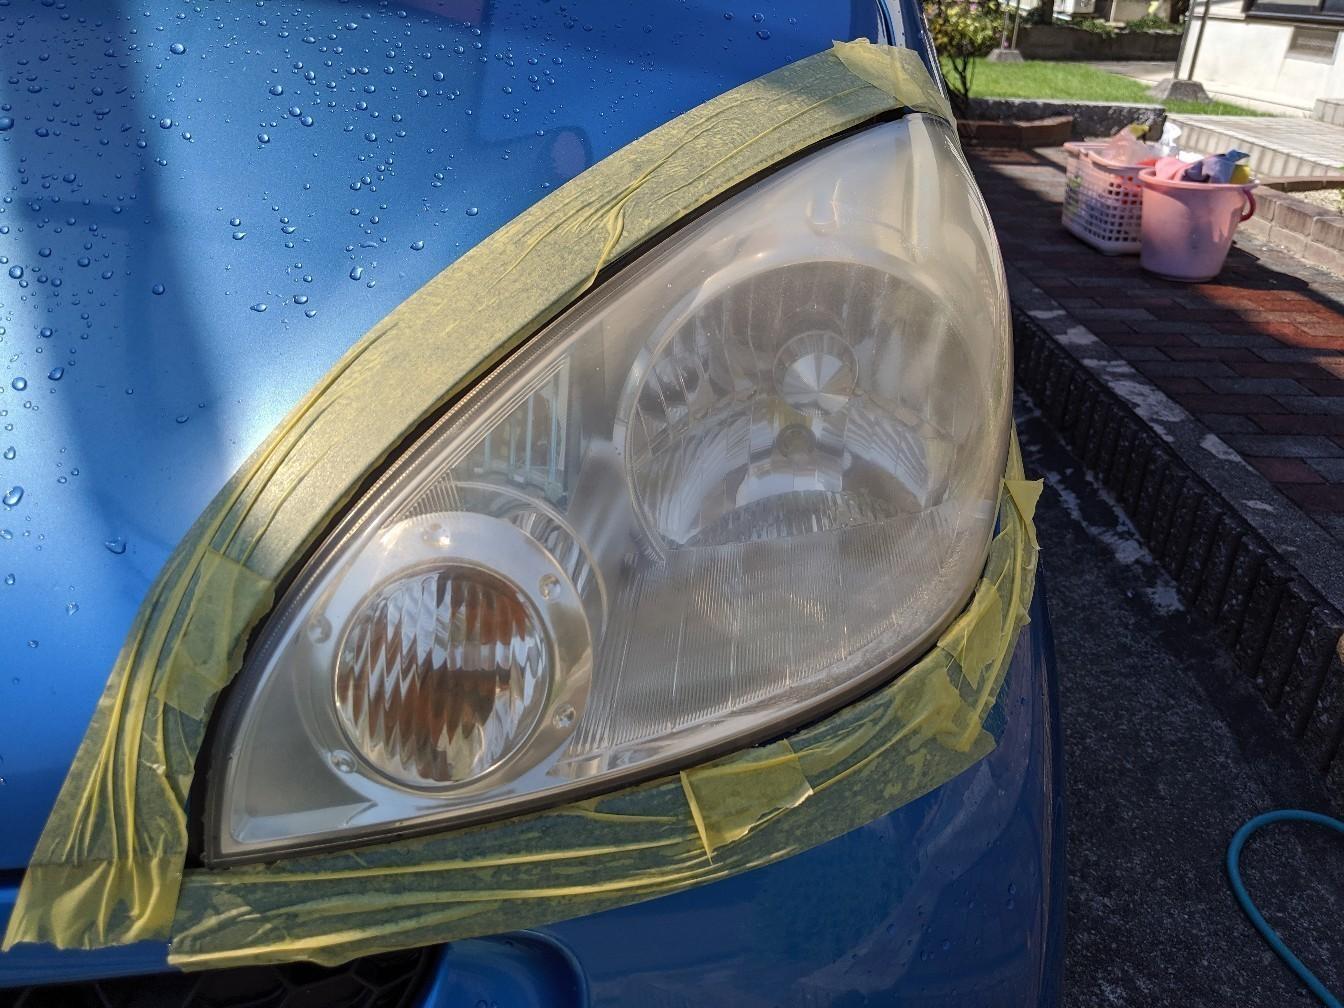 ヘッドライト ウレタンクリア塗装